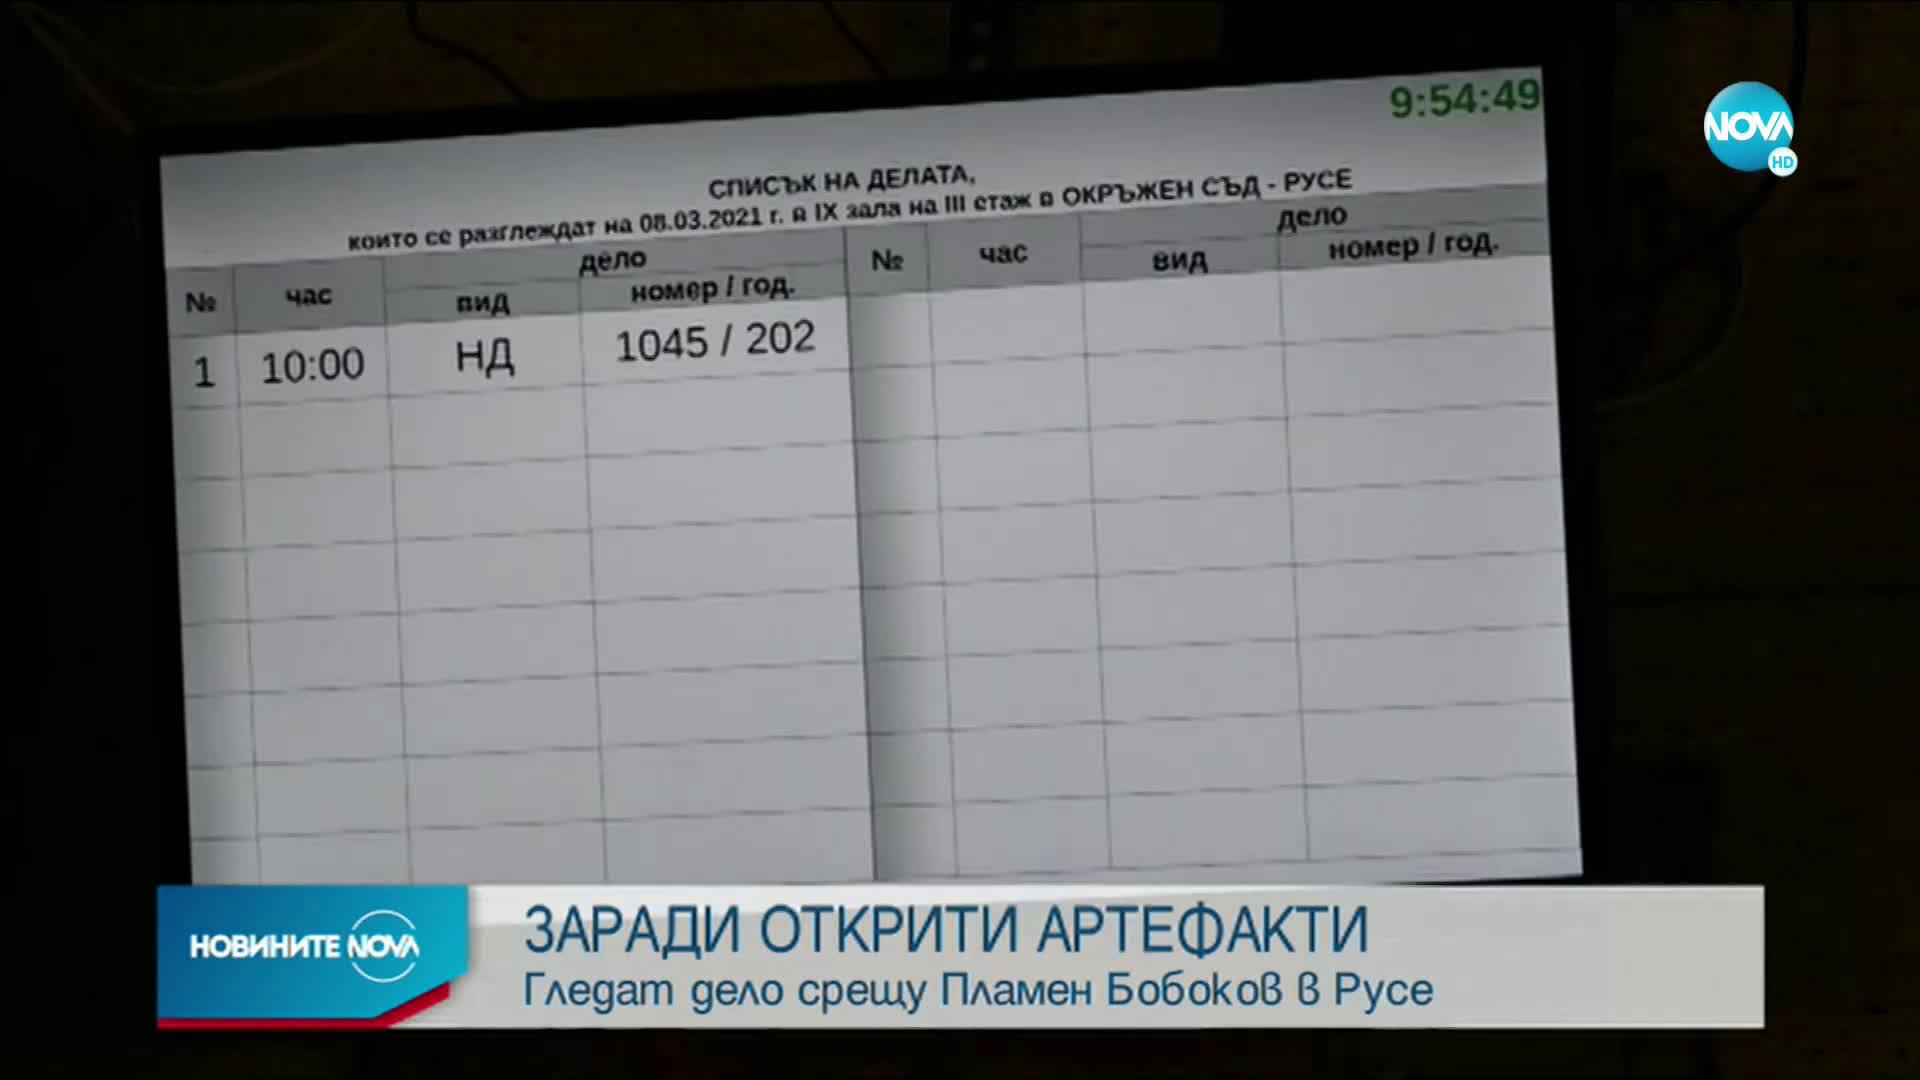 Пламен Бобоков се изправя пред съда в Русе